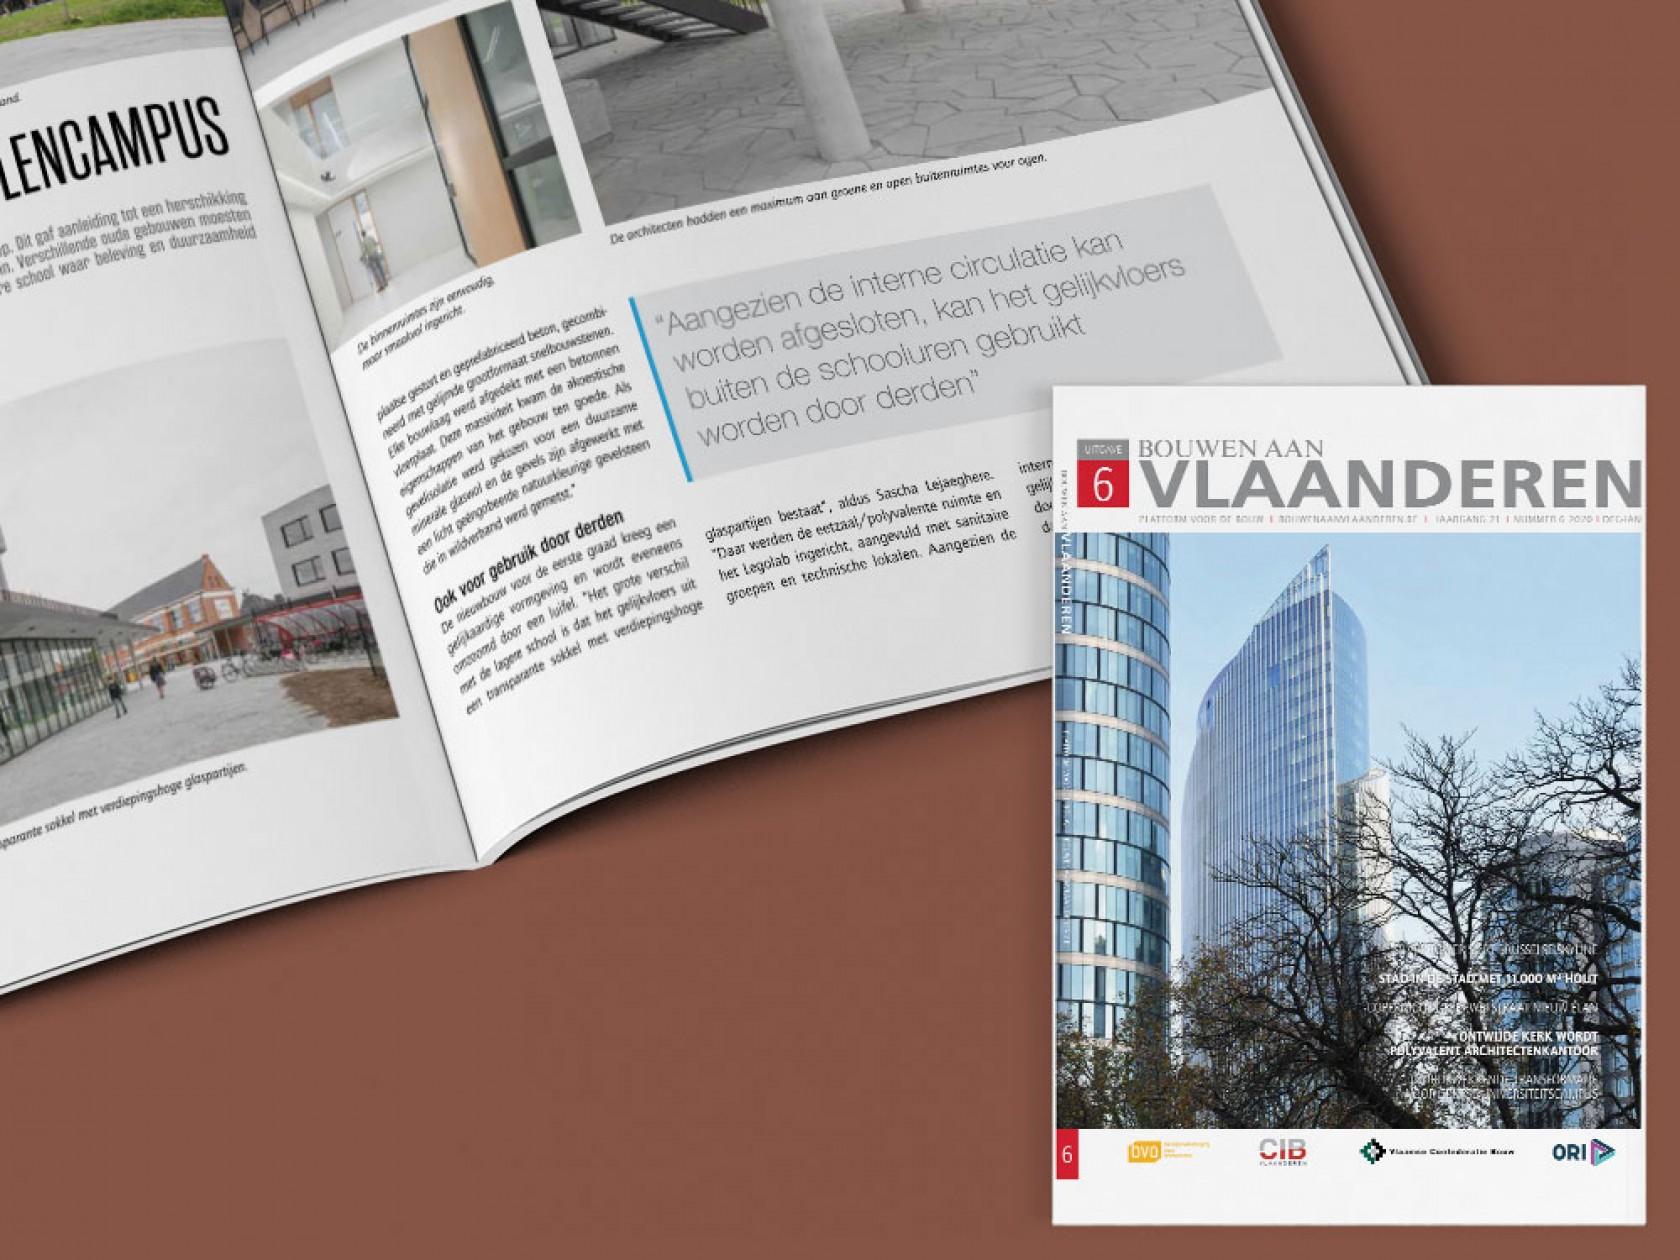 Abscis Architecten - Bouwen aan Vlaanderen NR 06 2020